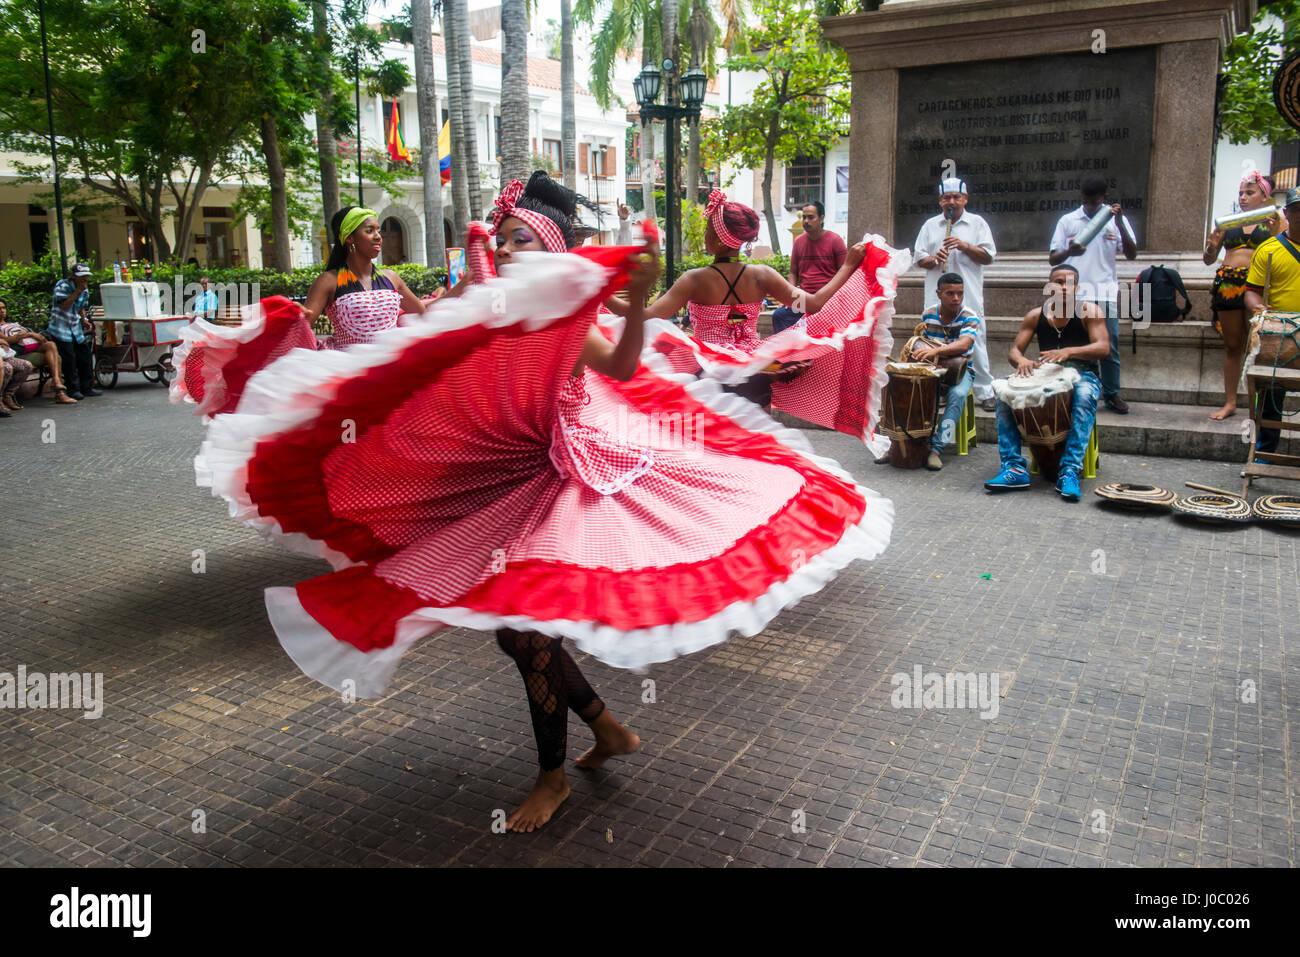 Bailes tradicionales en la ciudad de Cartagena de Indias, Colombia Imagen De Stock